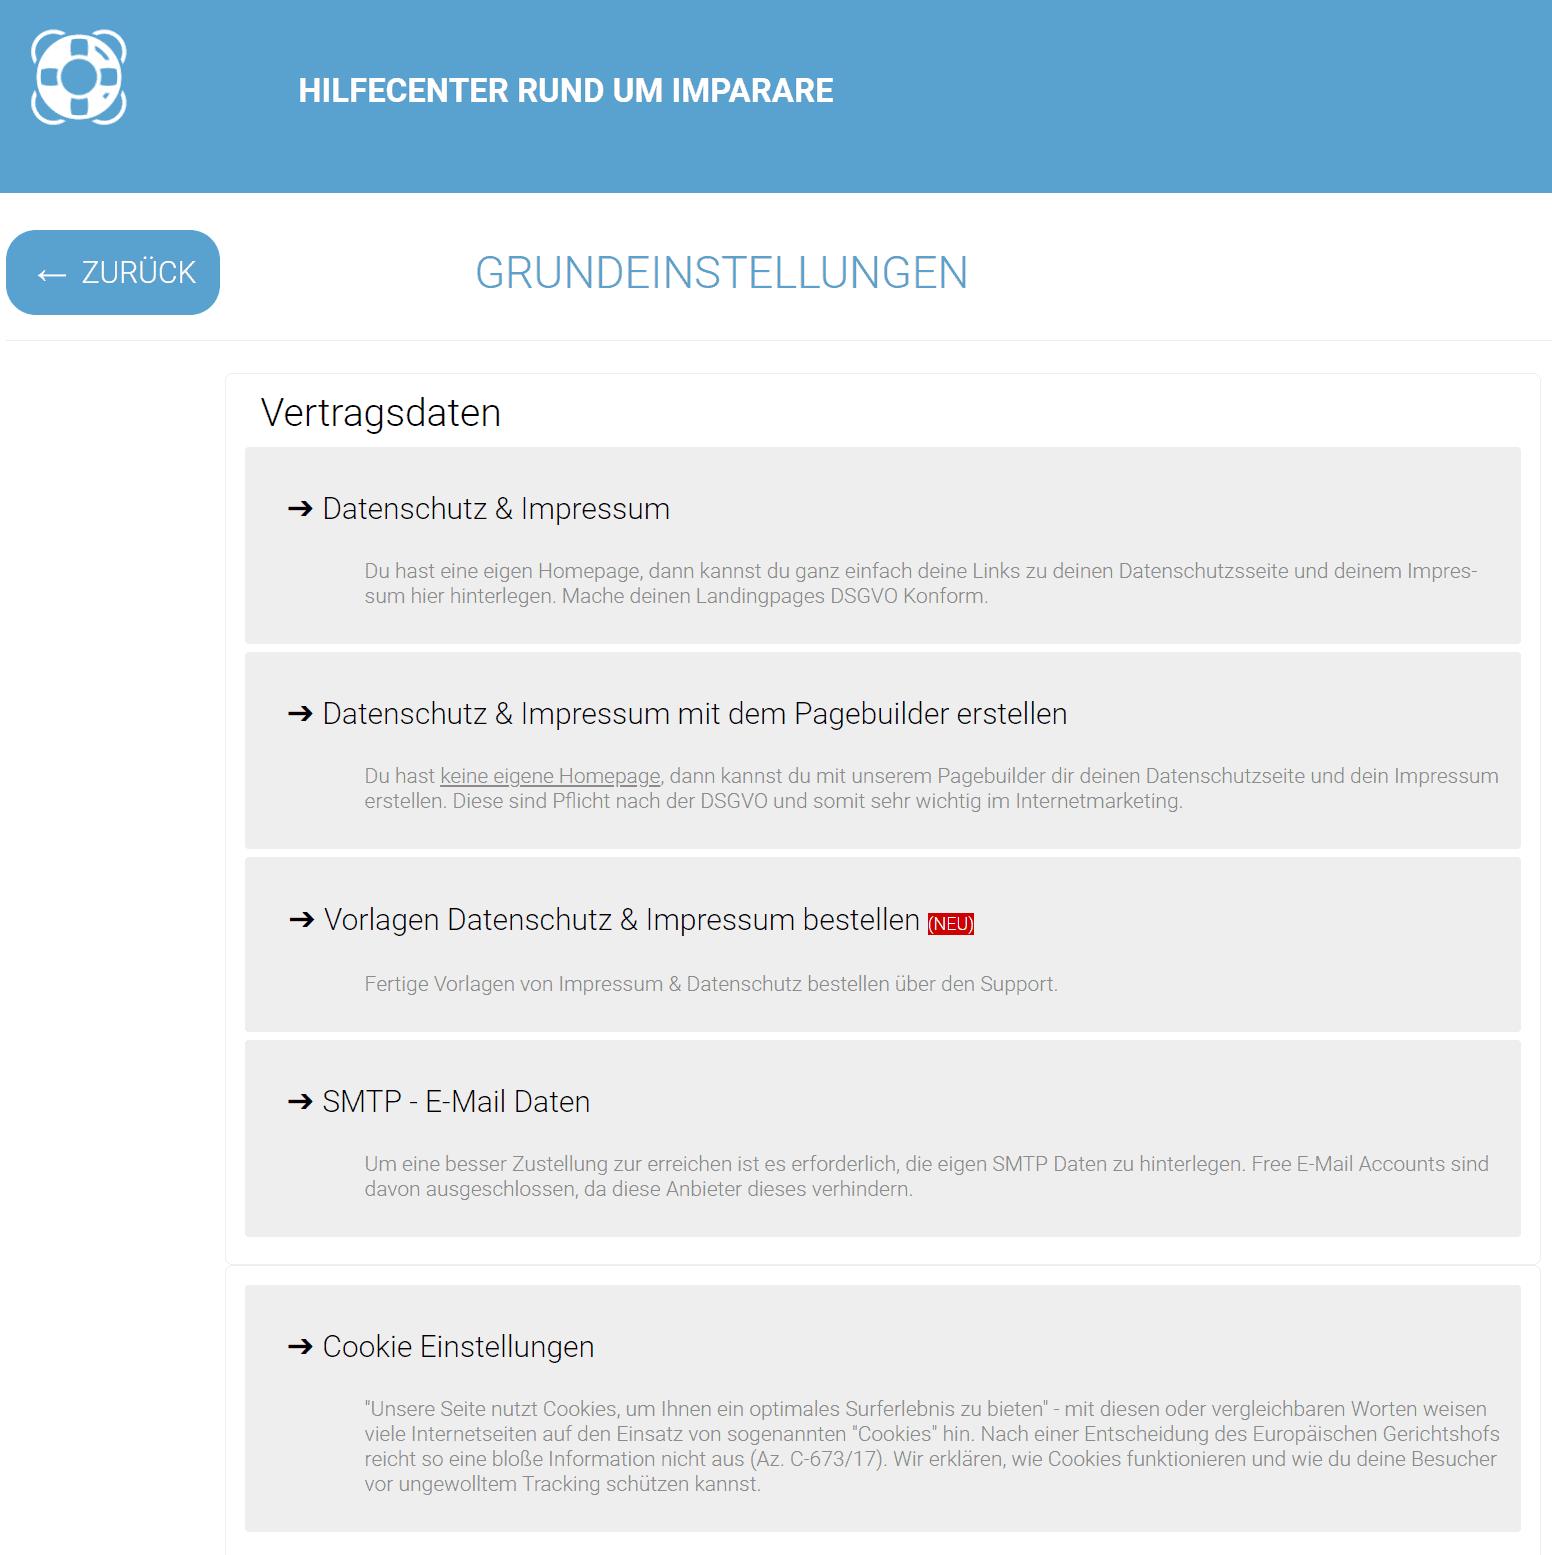 Imparare Hilfe Center